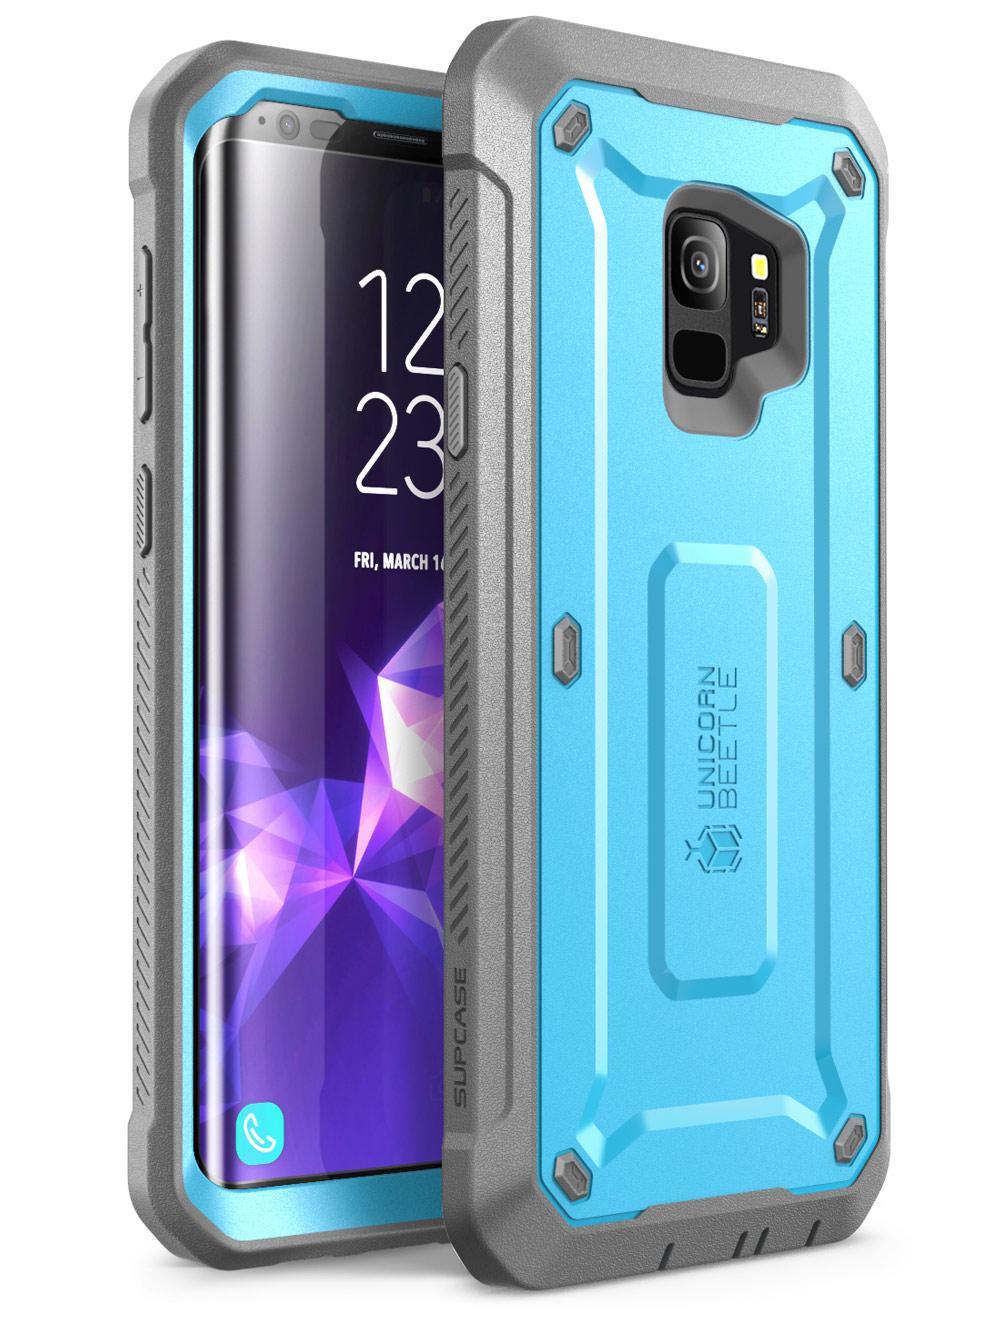 Korea Samsung Note8 Anti Jatuh Silikon Transparan Chasing Luar Elegant Pudding Tpu Soft Case Hisense Kingkong 2 Ii C20 Supcase S9 Plus Hp Casing Pelindung Tiga Bungkus Penuh